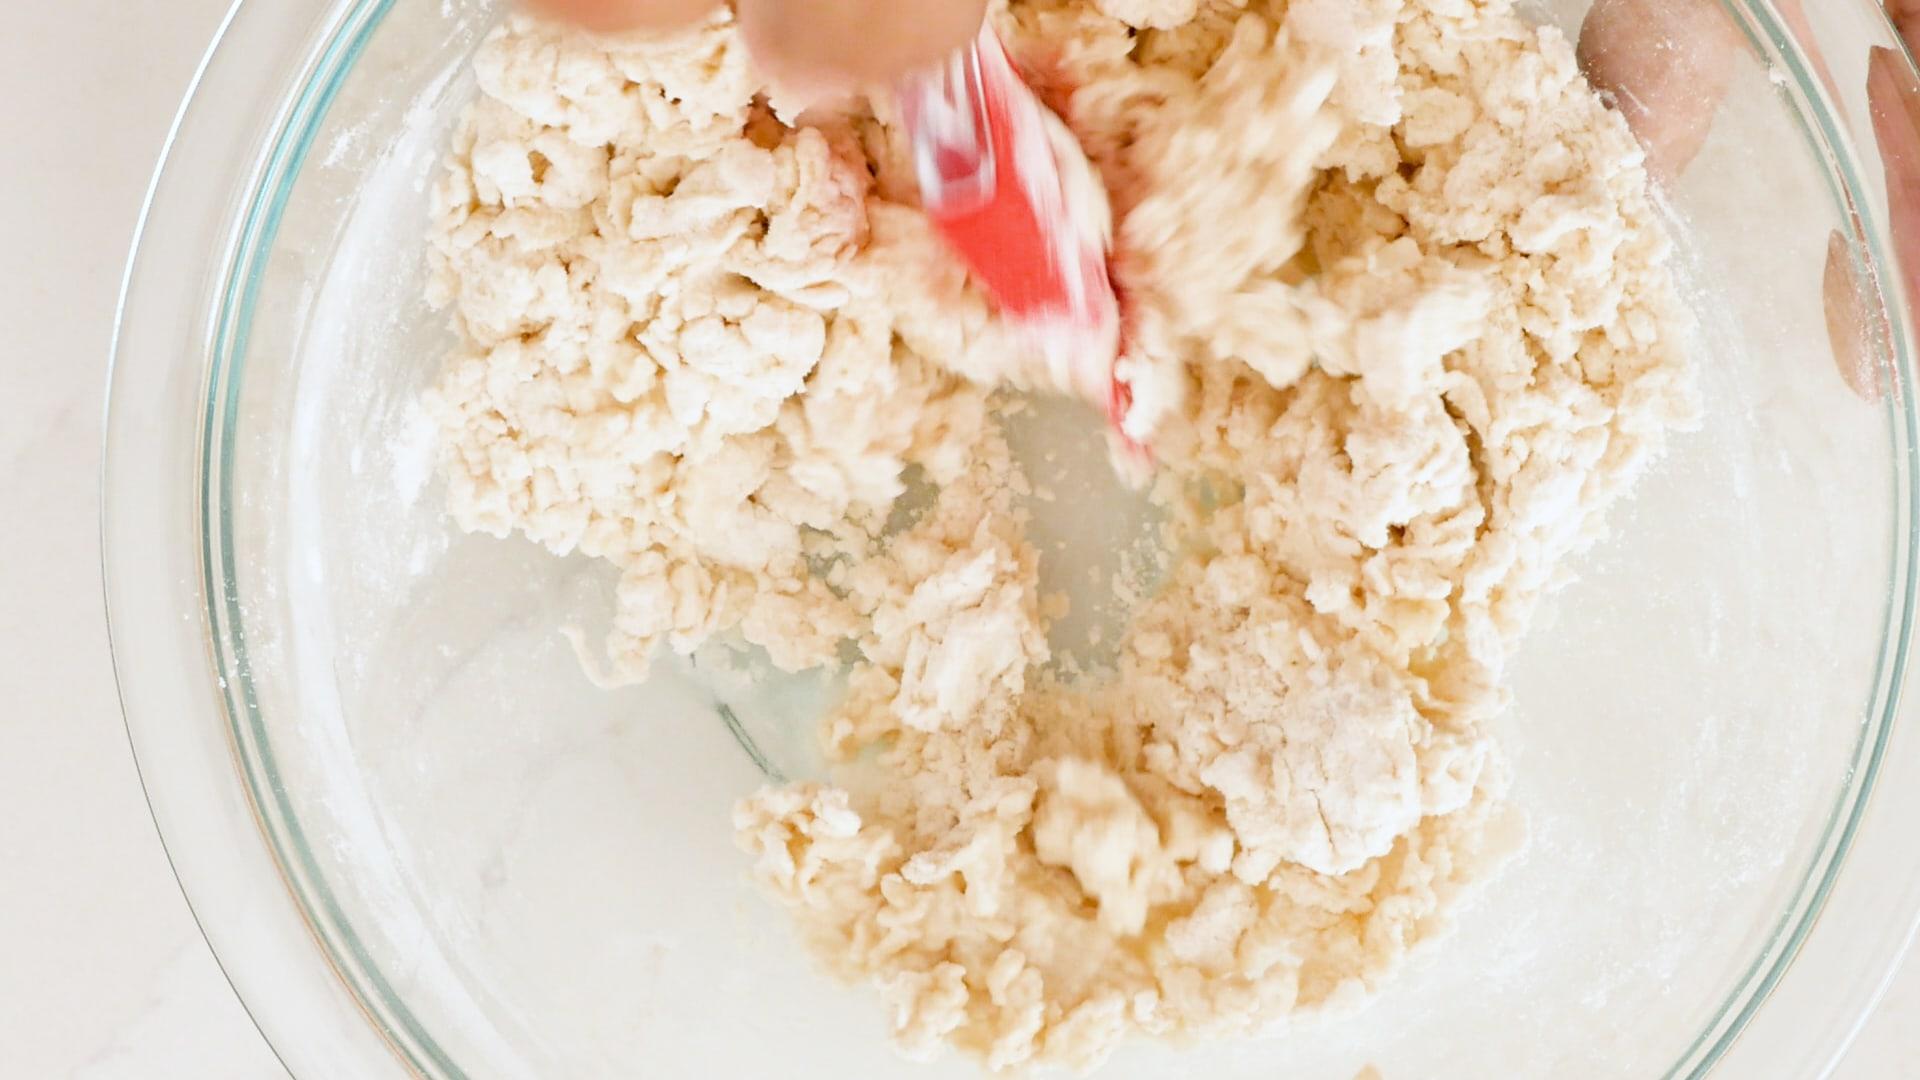 Combinando ingredientes secos y líquidos